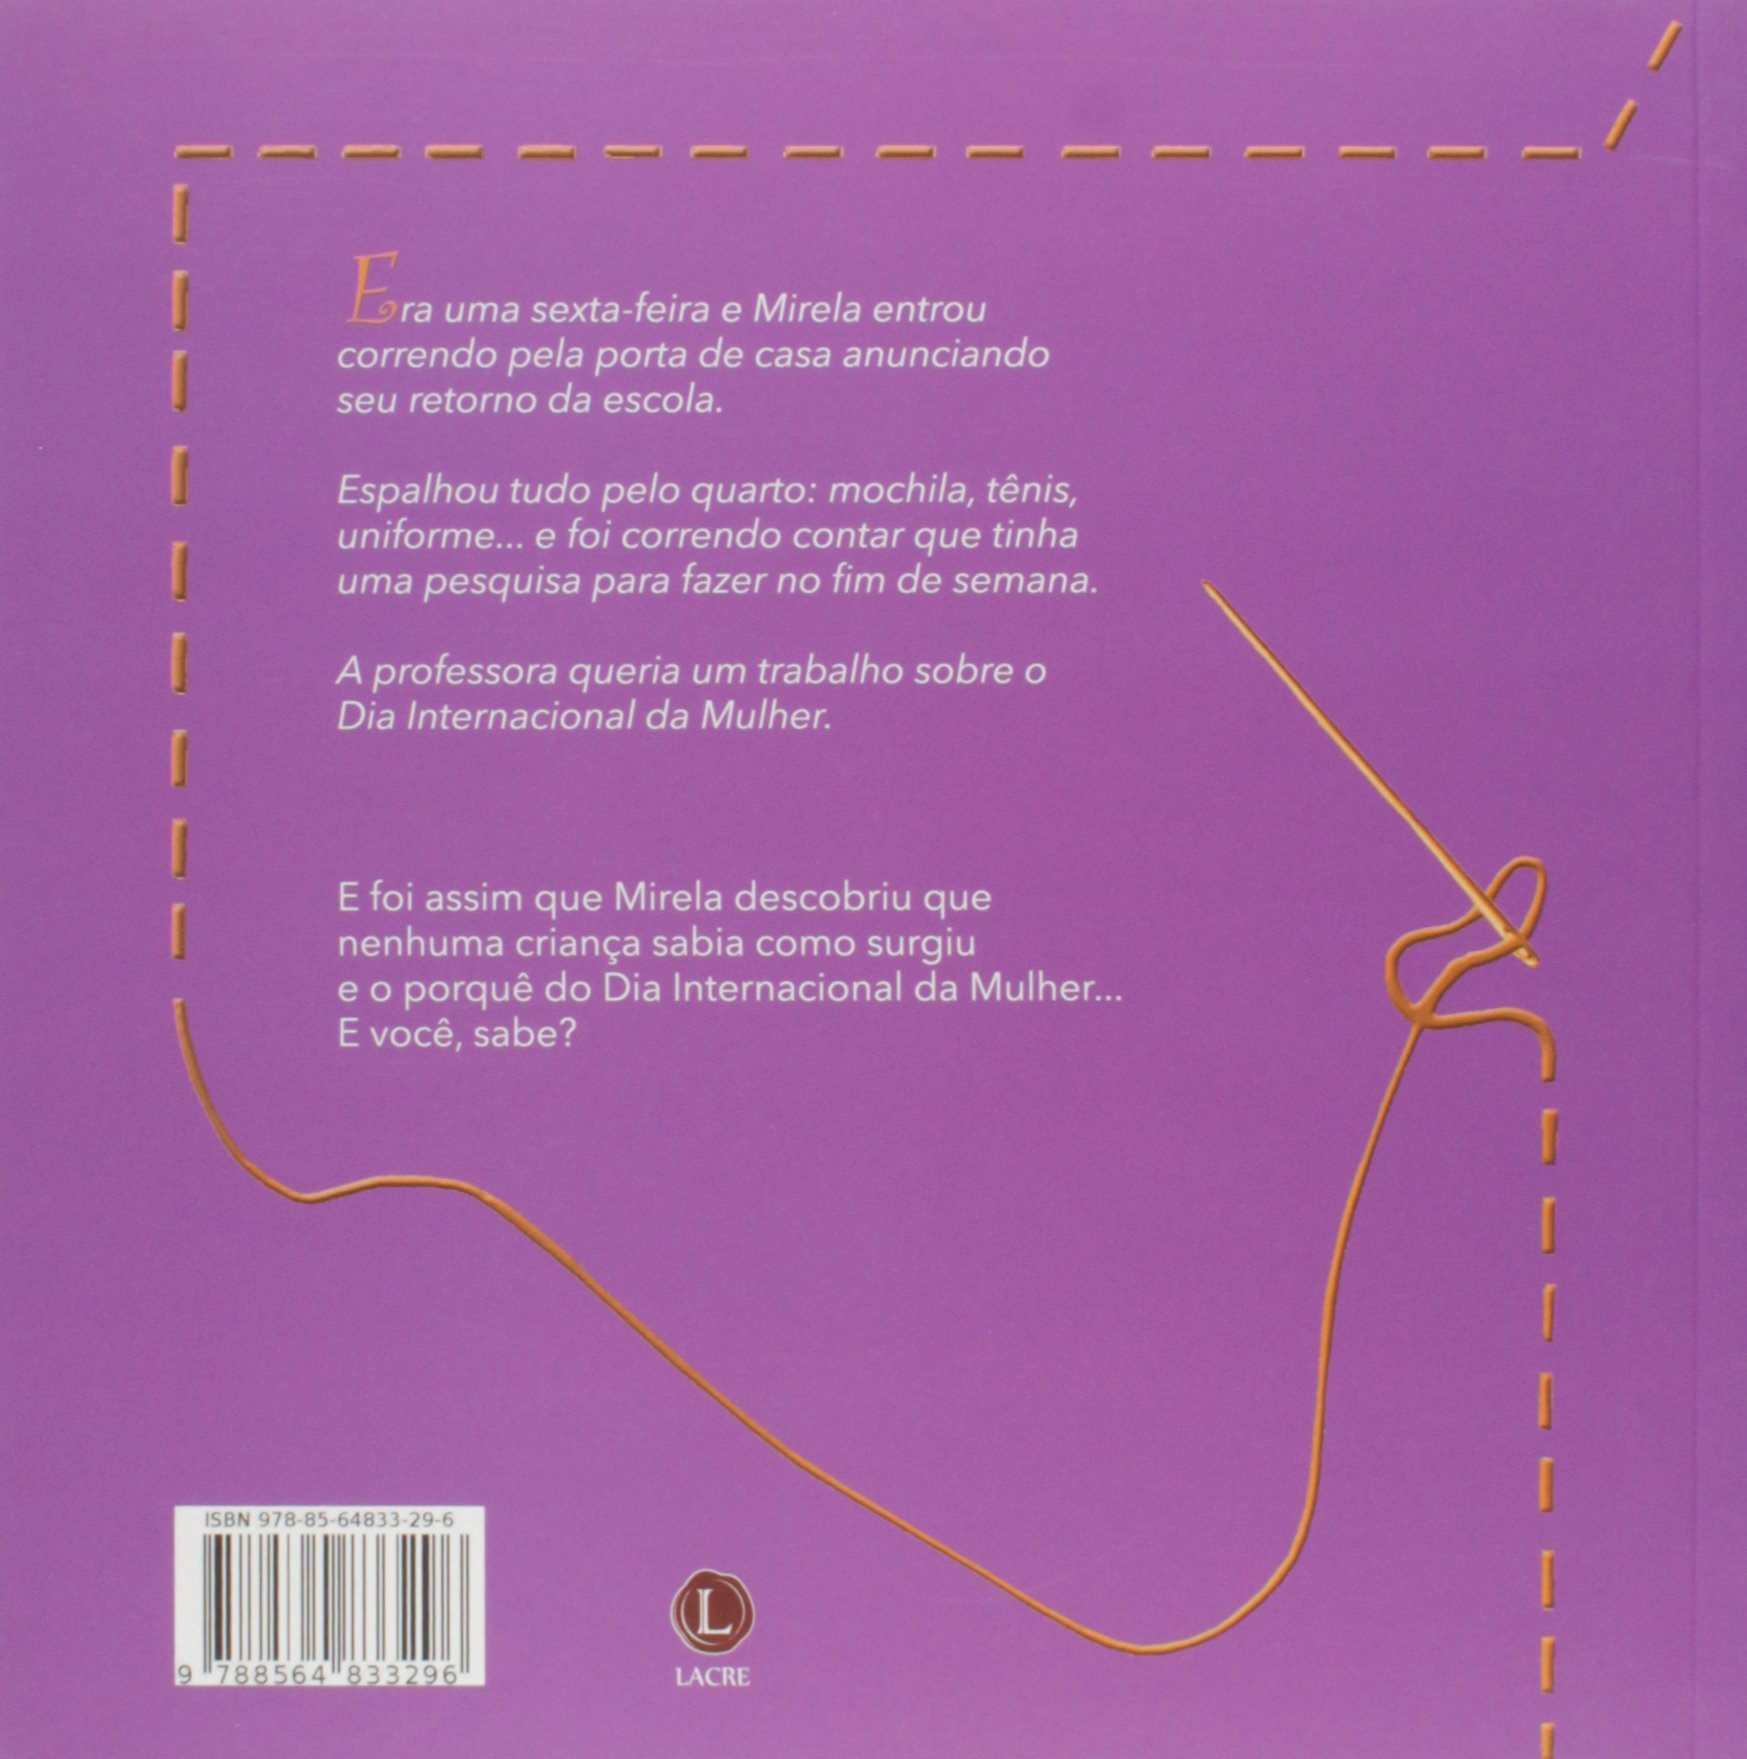 Mirela e o Dia Internacional da Mulher: Ana Prestes, 3: 9788564833296: Amazon.com: Books